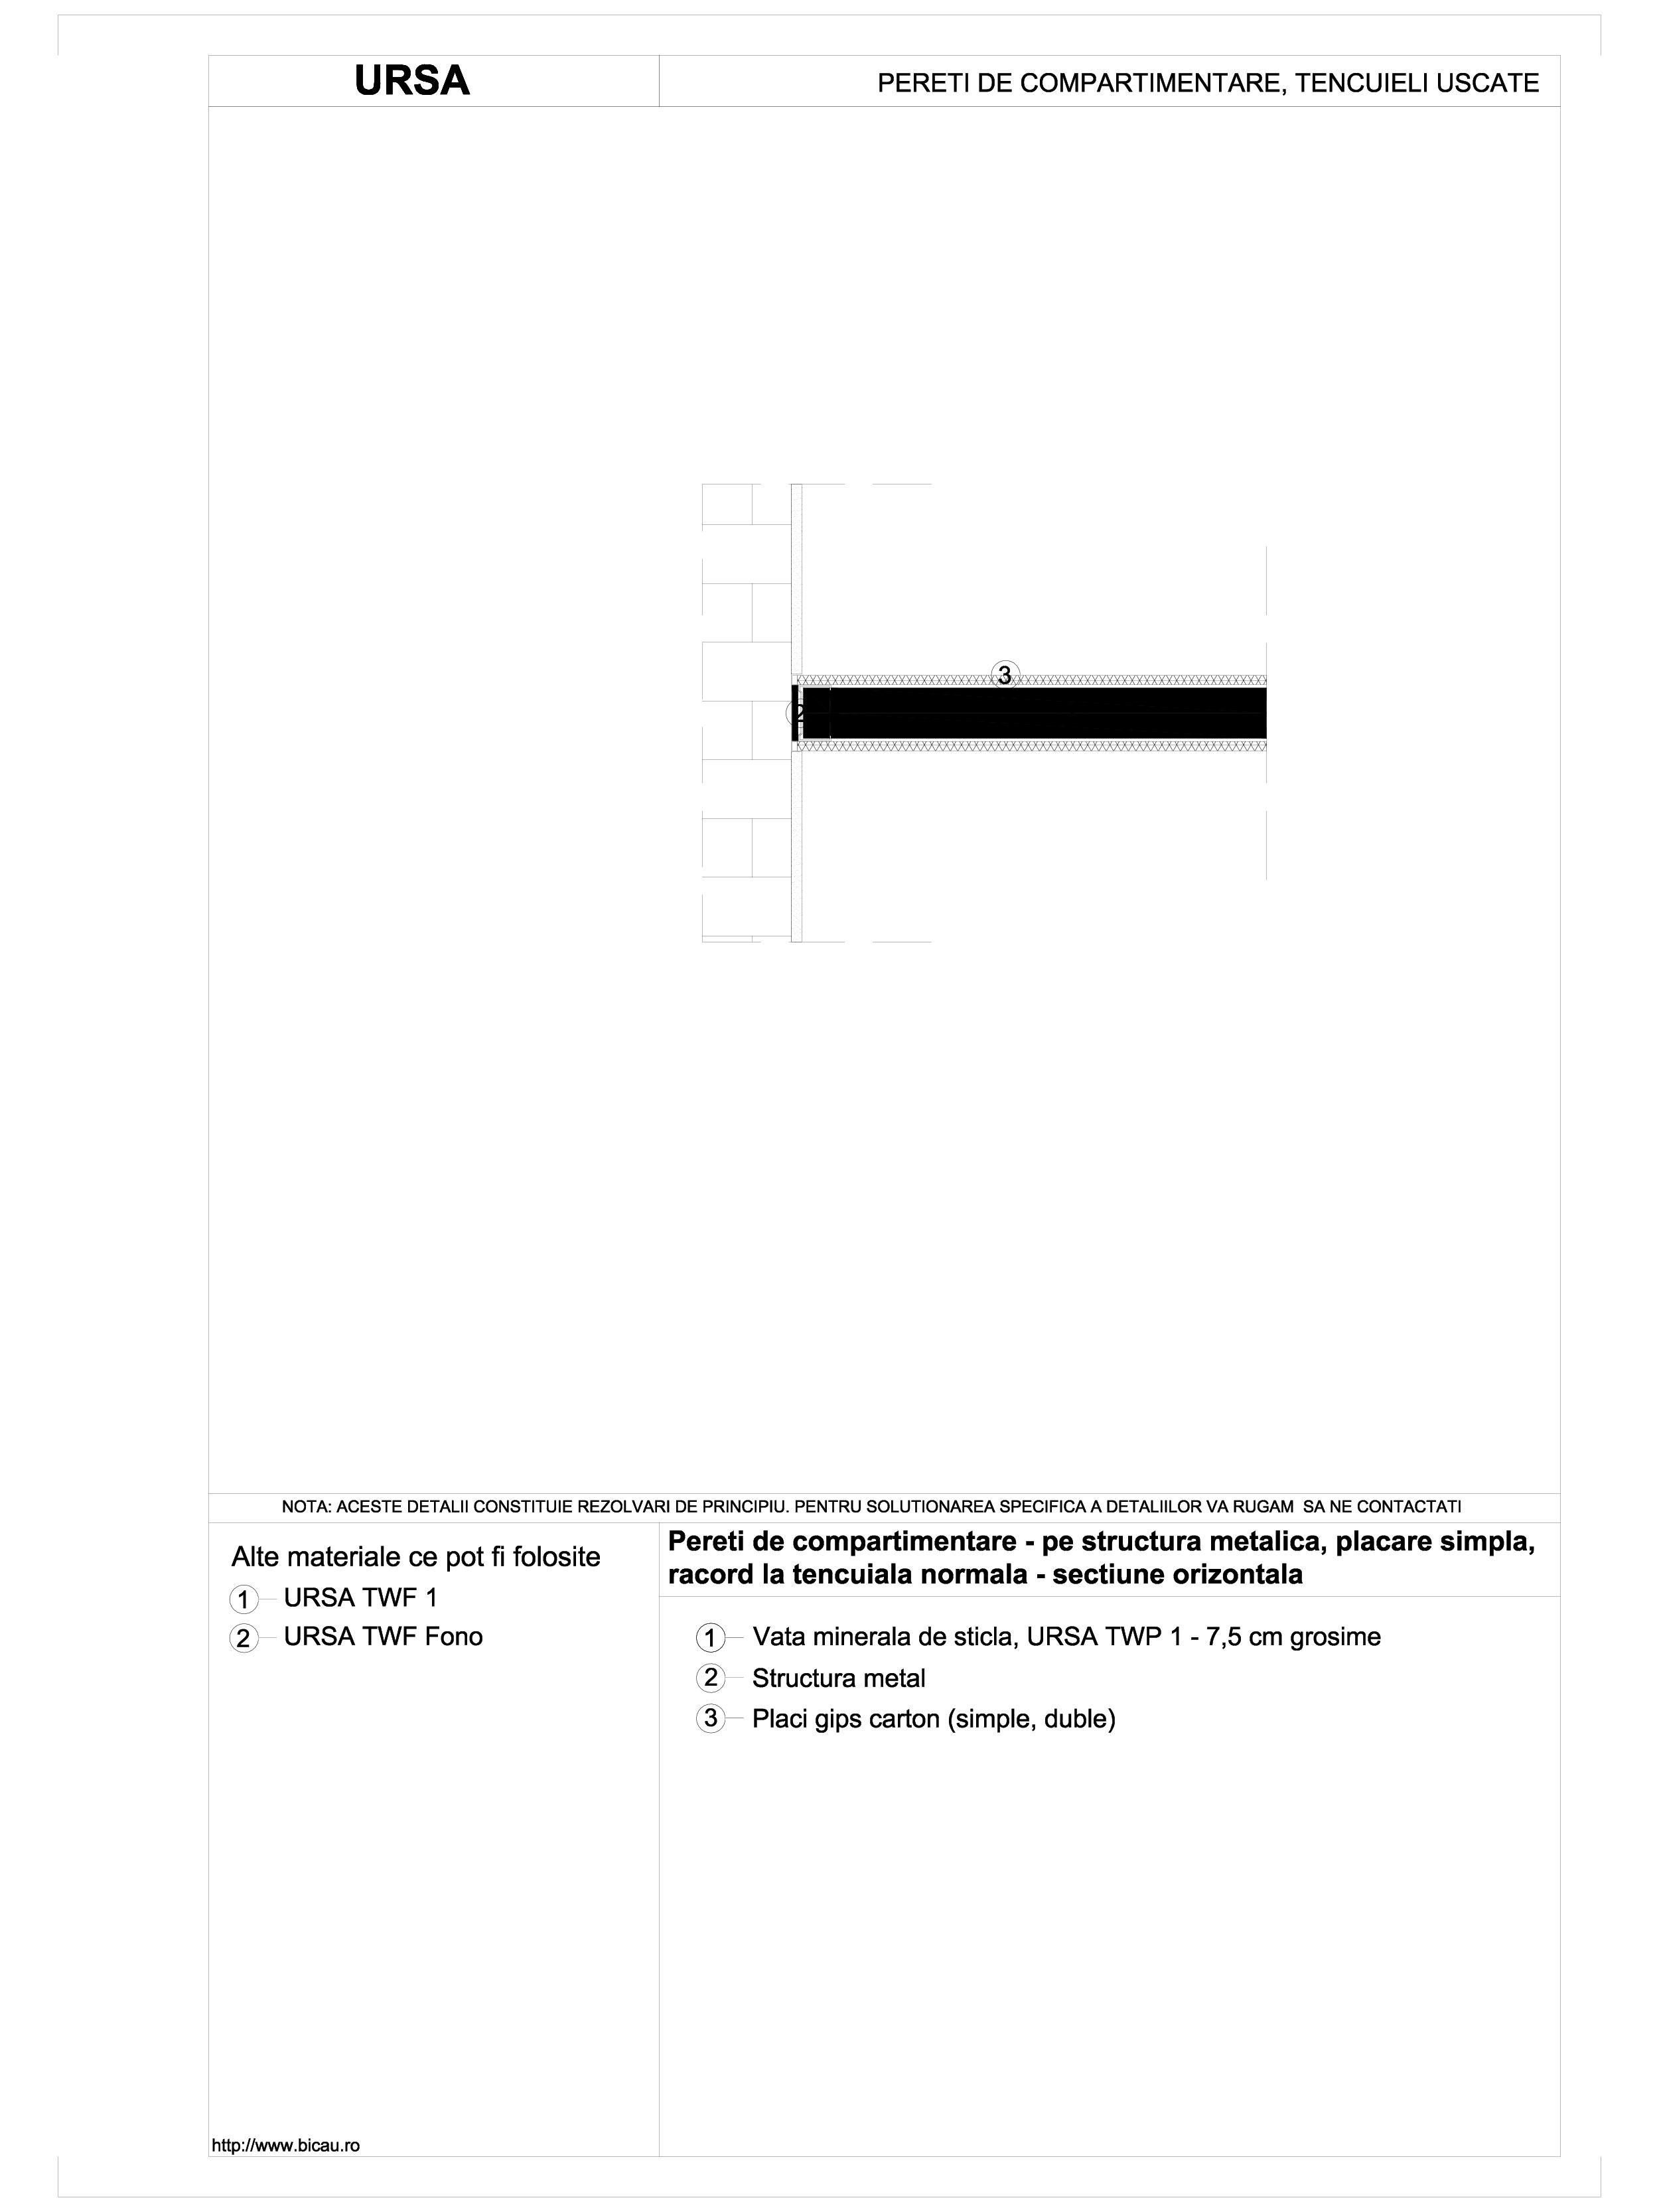 Pereti de compartimentare - pe structura metalica, placare simpla, racord la tencuiala normala - sectiune orizontala TWF FONO URSA Vata minerala pentru pereti de compartimentare URSA ROMANIA   - Pagina 1